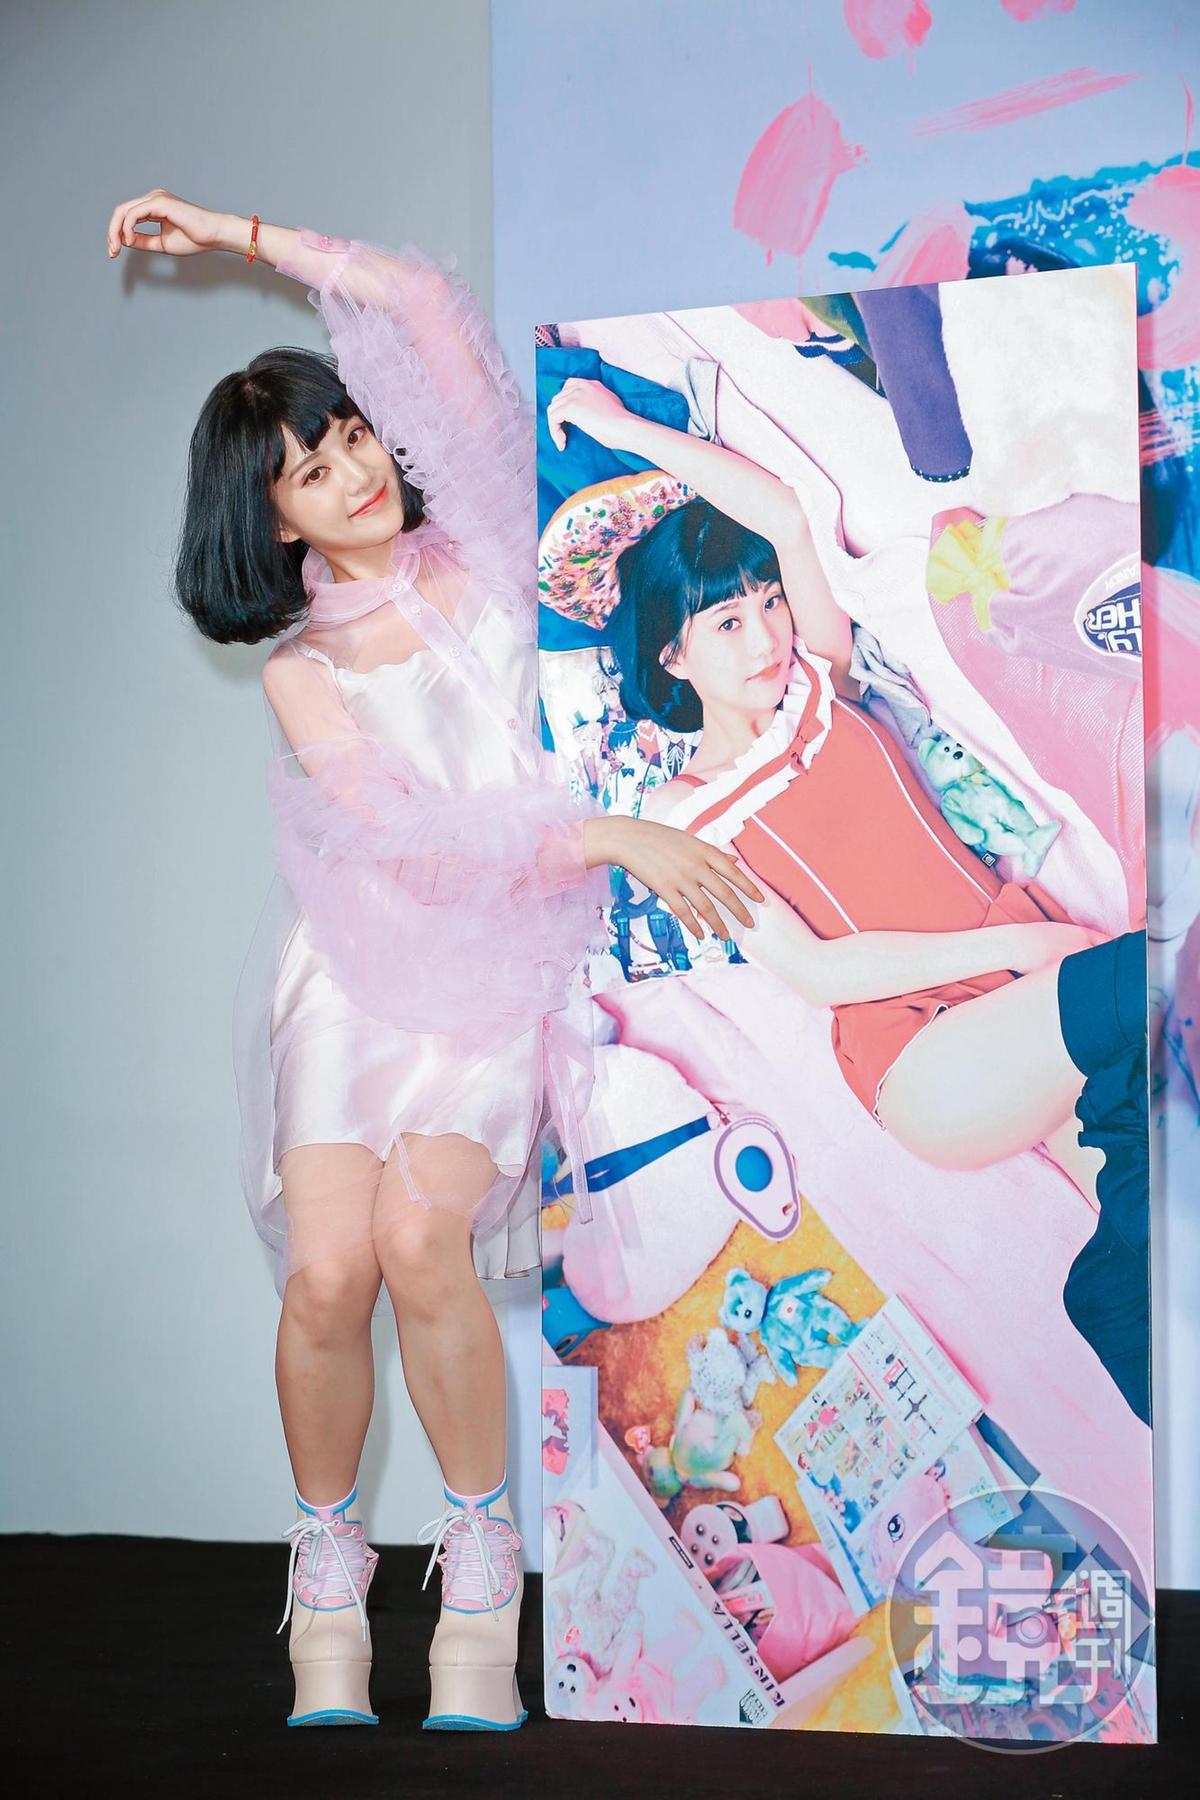 李優擁有大批男性粉絲,發行單曲之外也出版寫真集曝光美照。